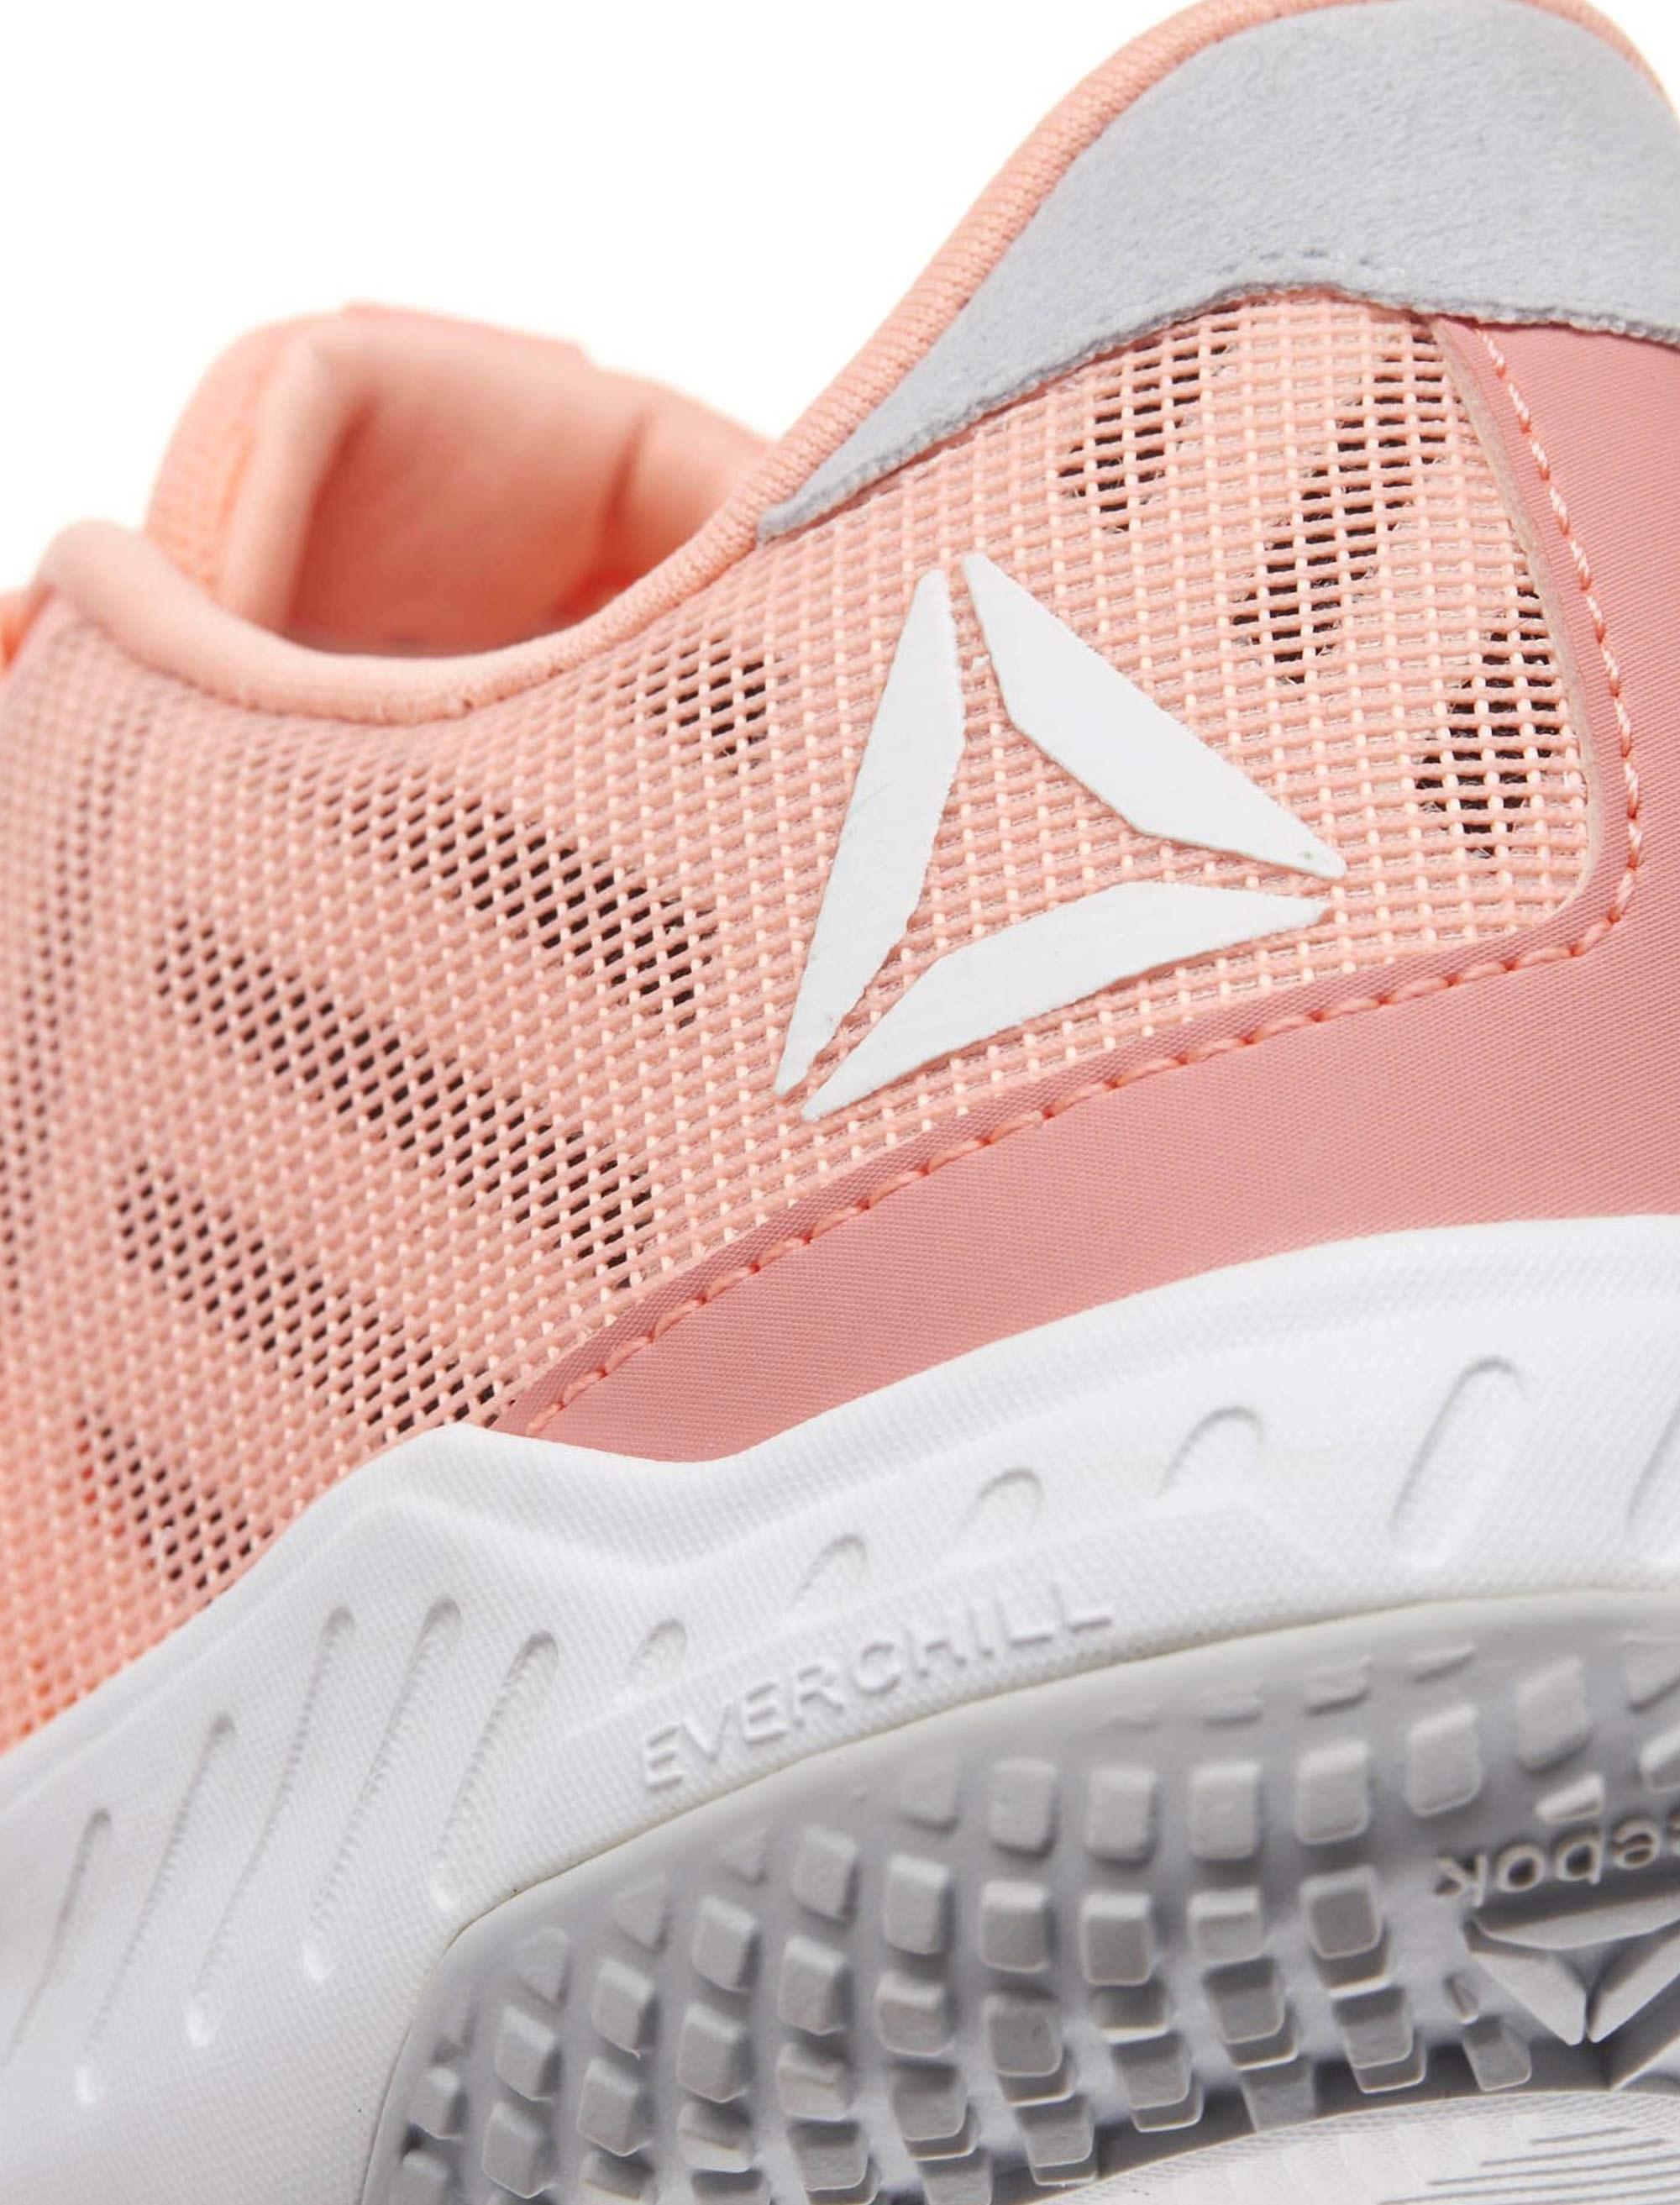 کفش تمرین بندی زنانه Everchill TR 2-0 - ریباک - صورتي - 7